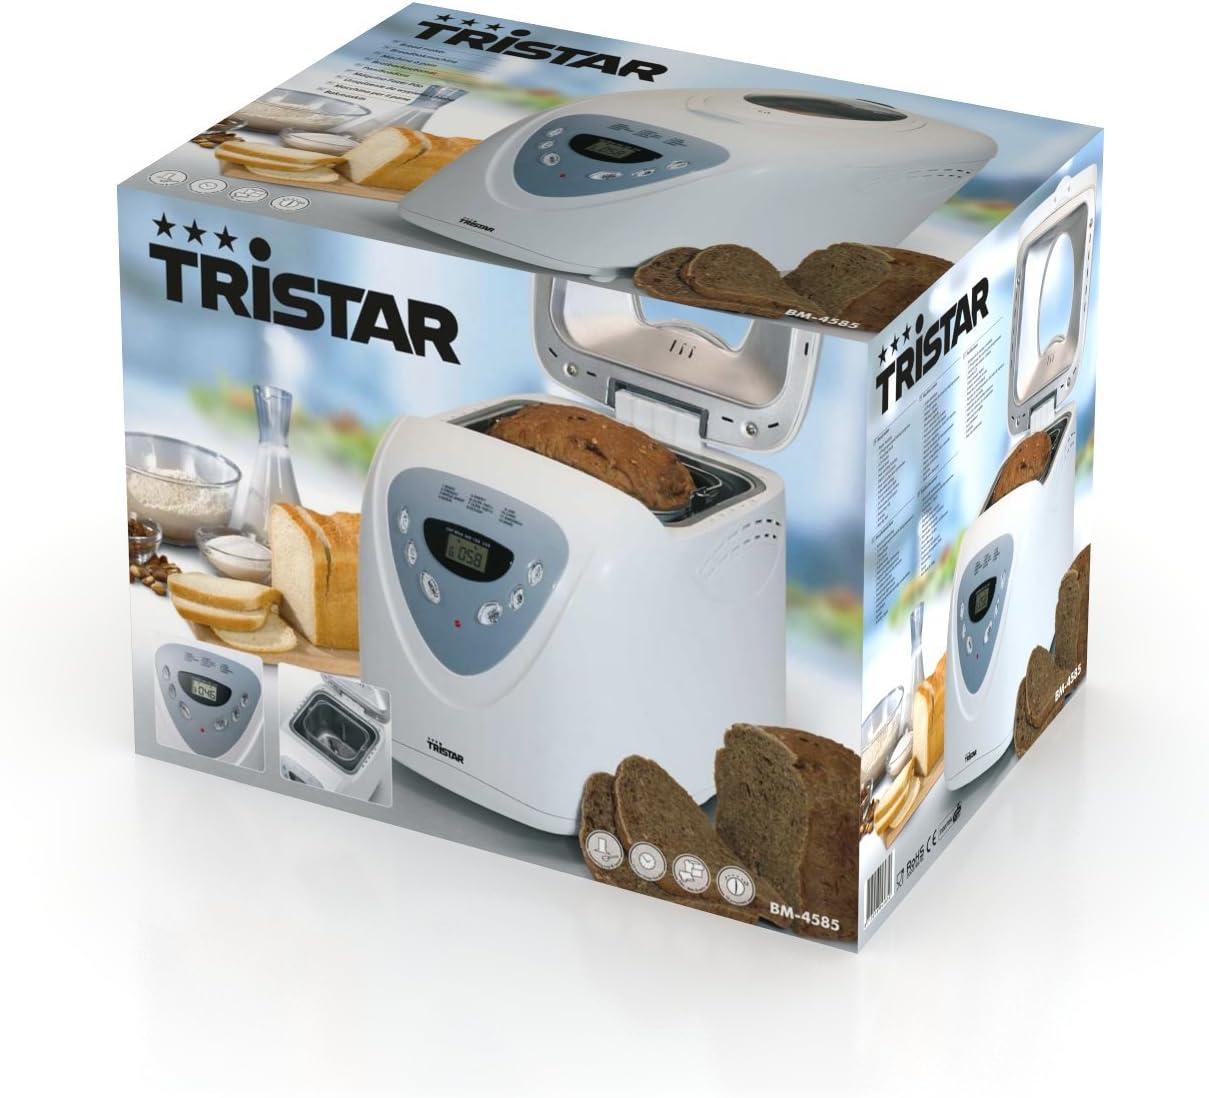 Tristar BM-4585 - Panificadora, 750-900 g, 12 programas de cocción ...